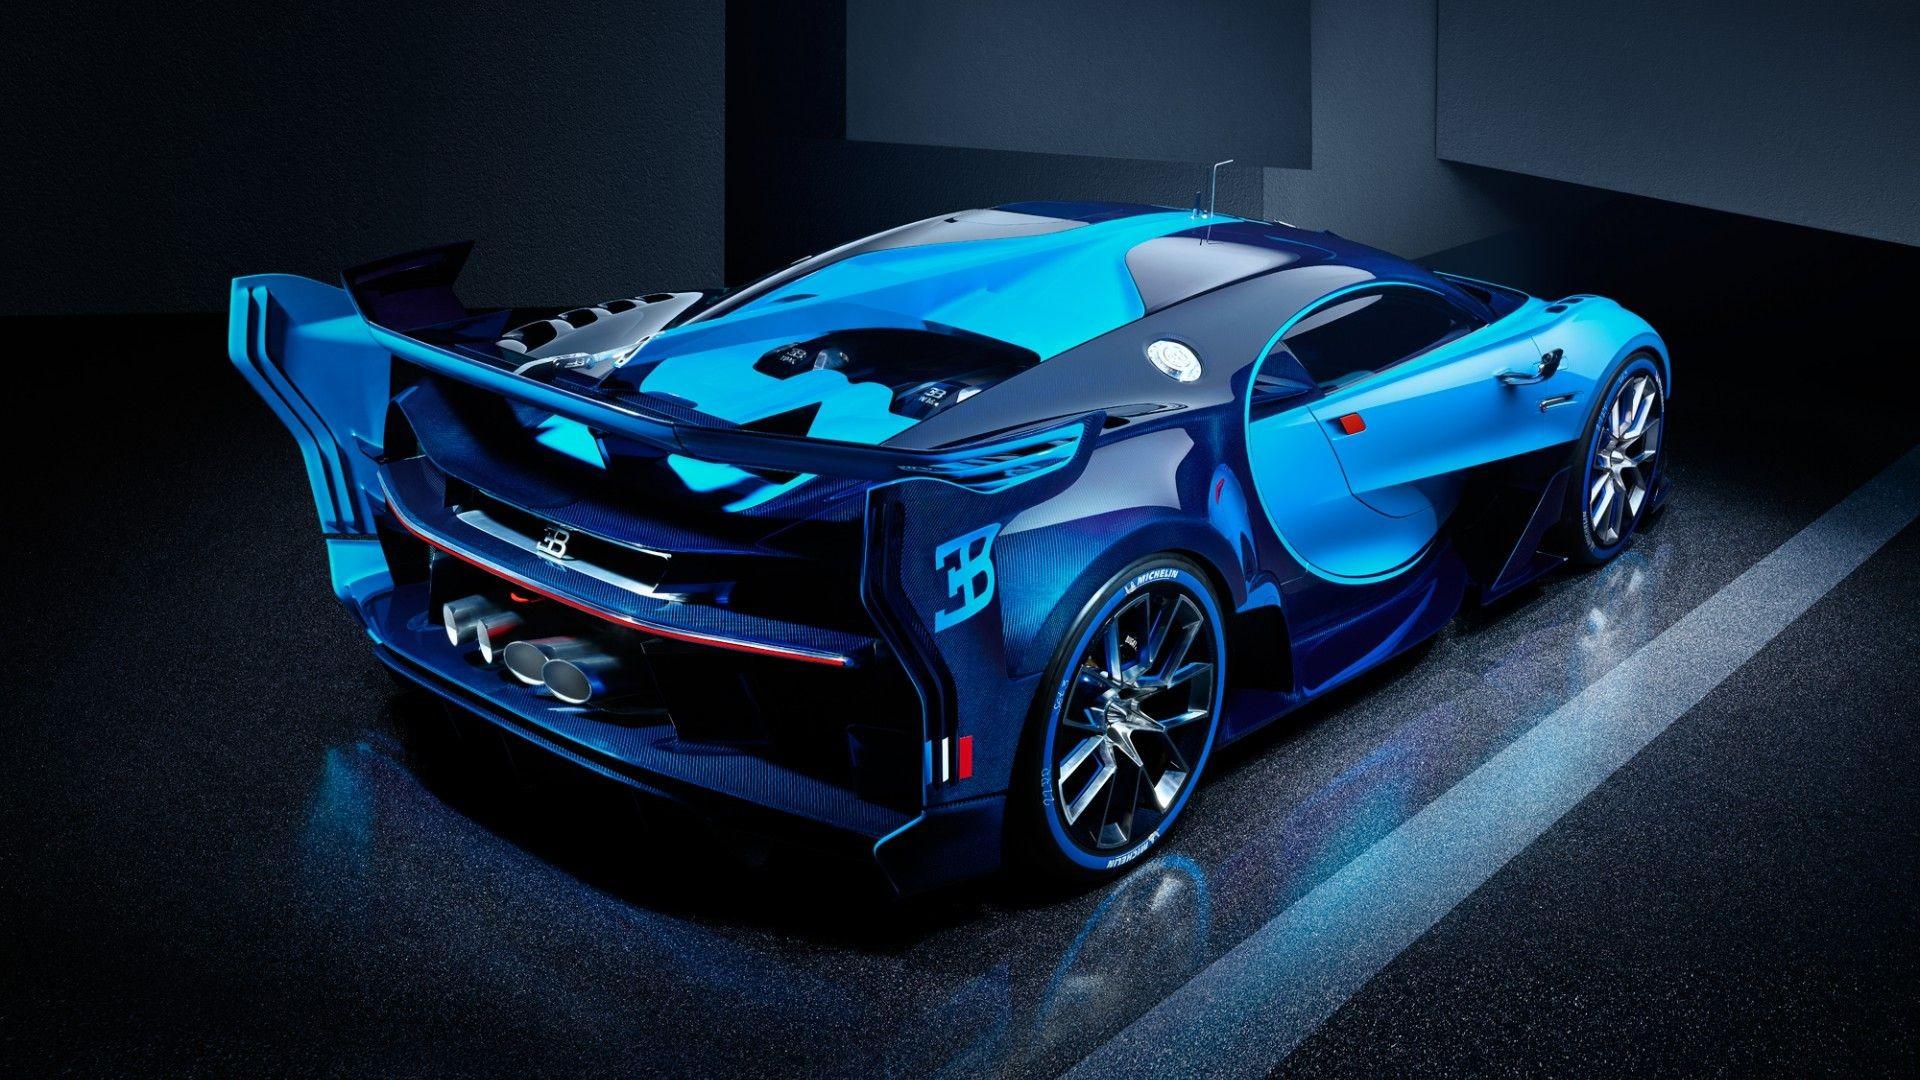 Bugatti Chiron Sport Iphone Wallpaper: Bugatti Chiron Wallpapers (74+ Images